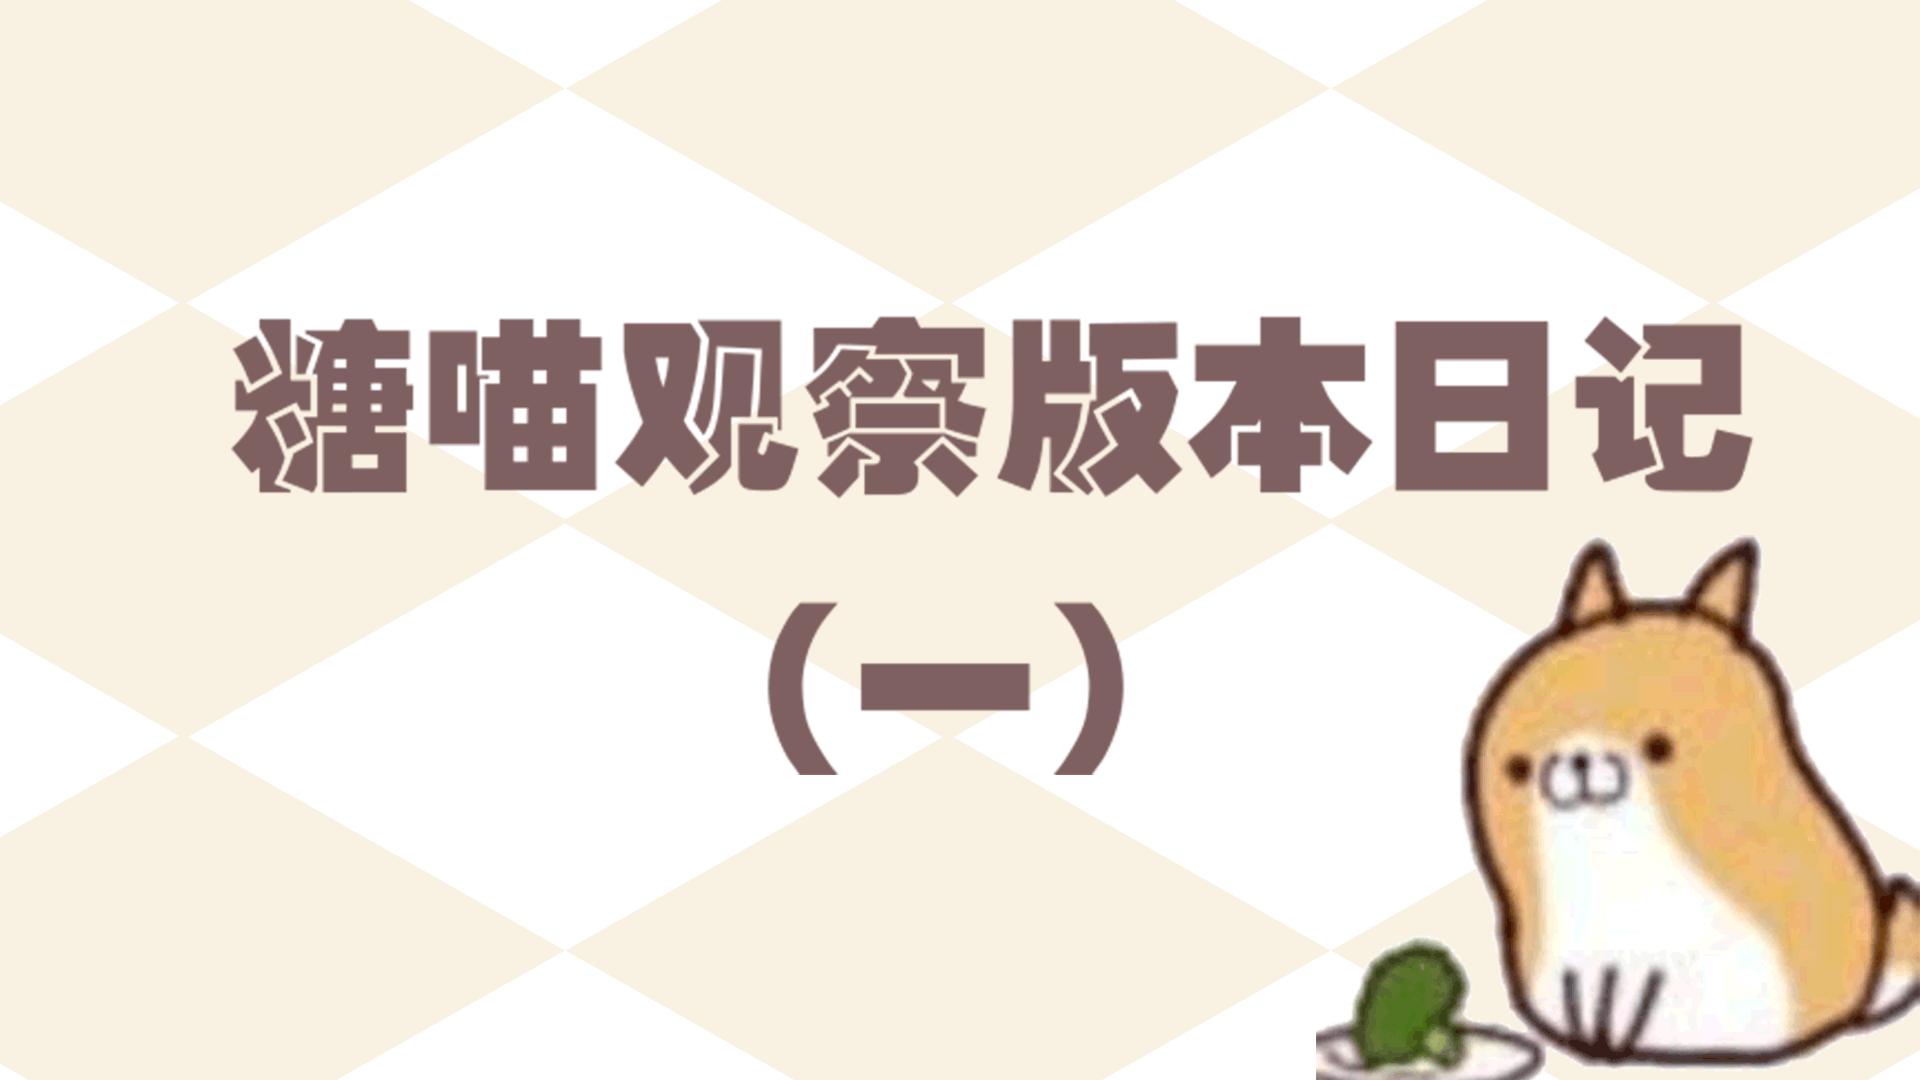 江湖大爆料| 新版本时间确定!版本亮相抢先知~